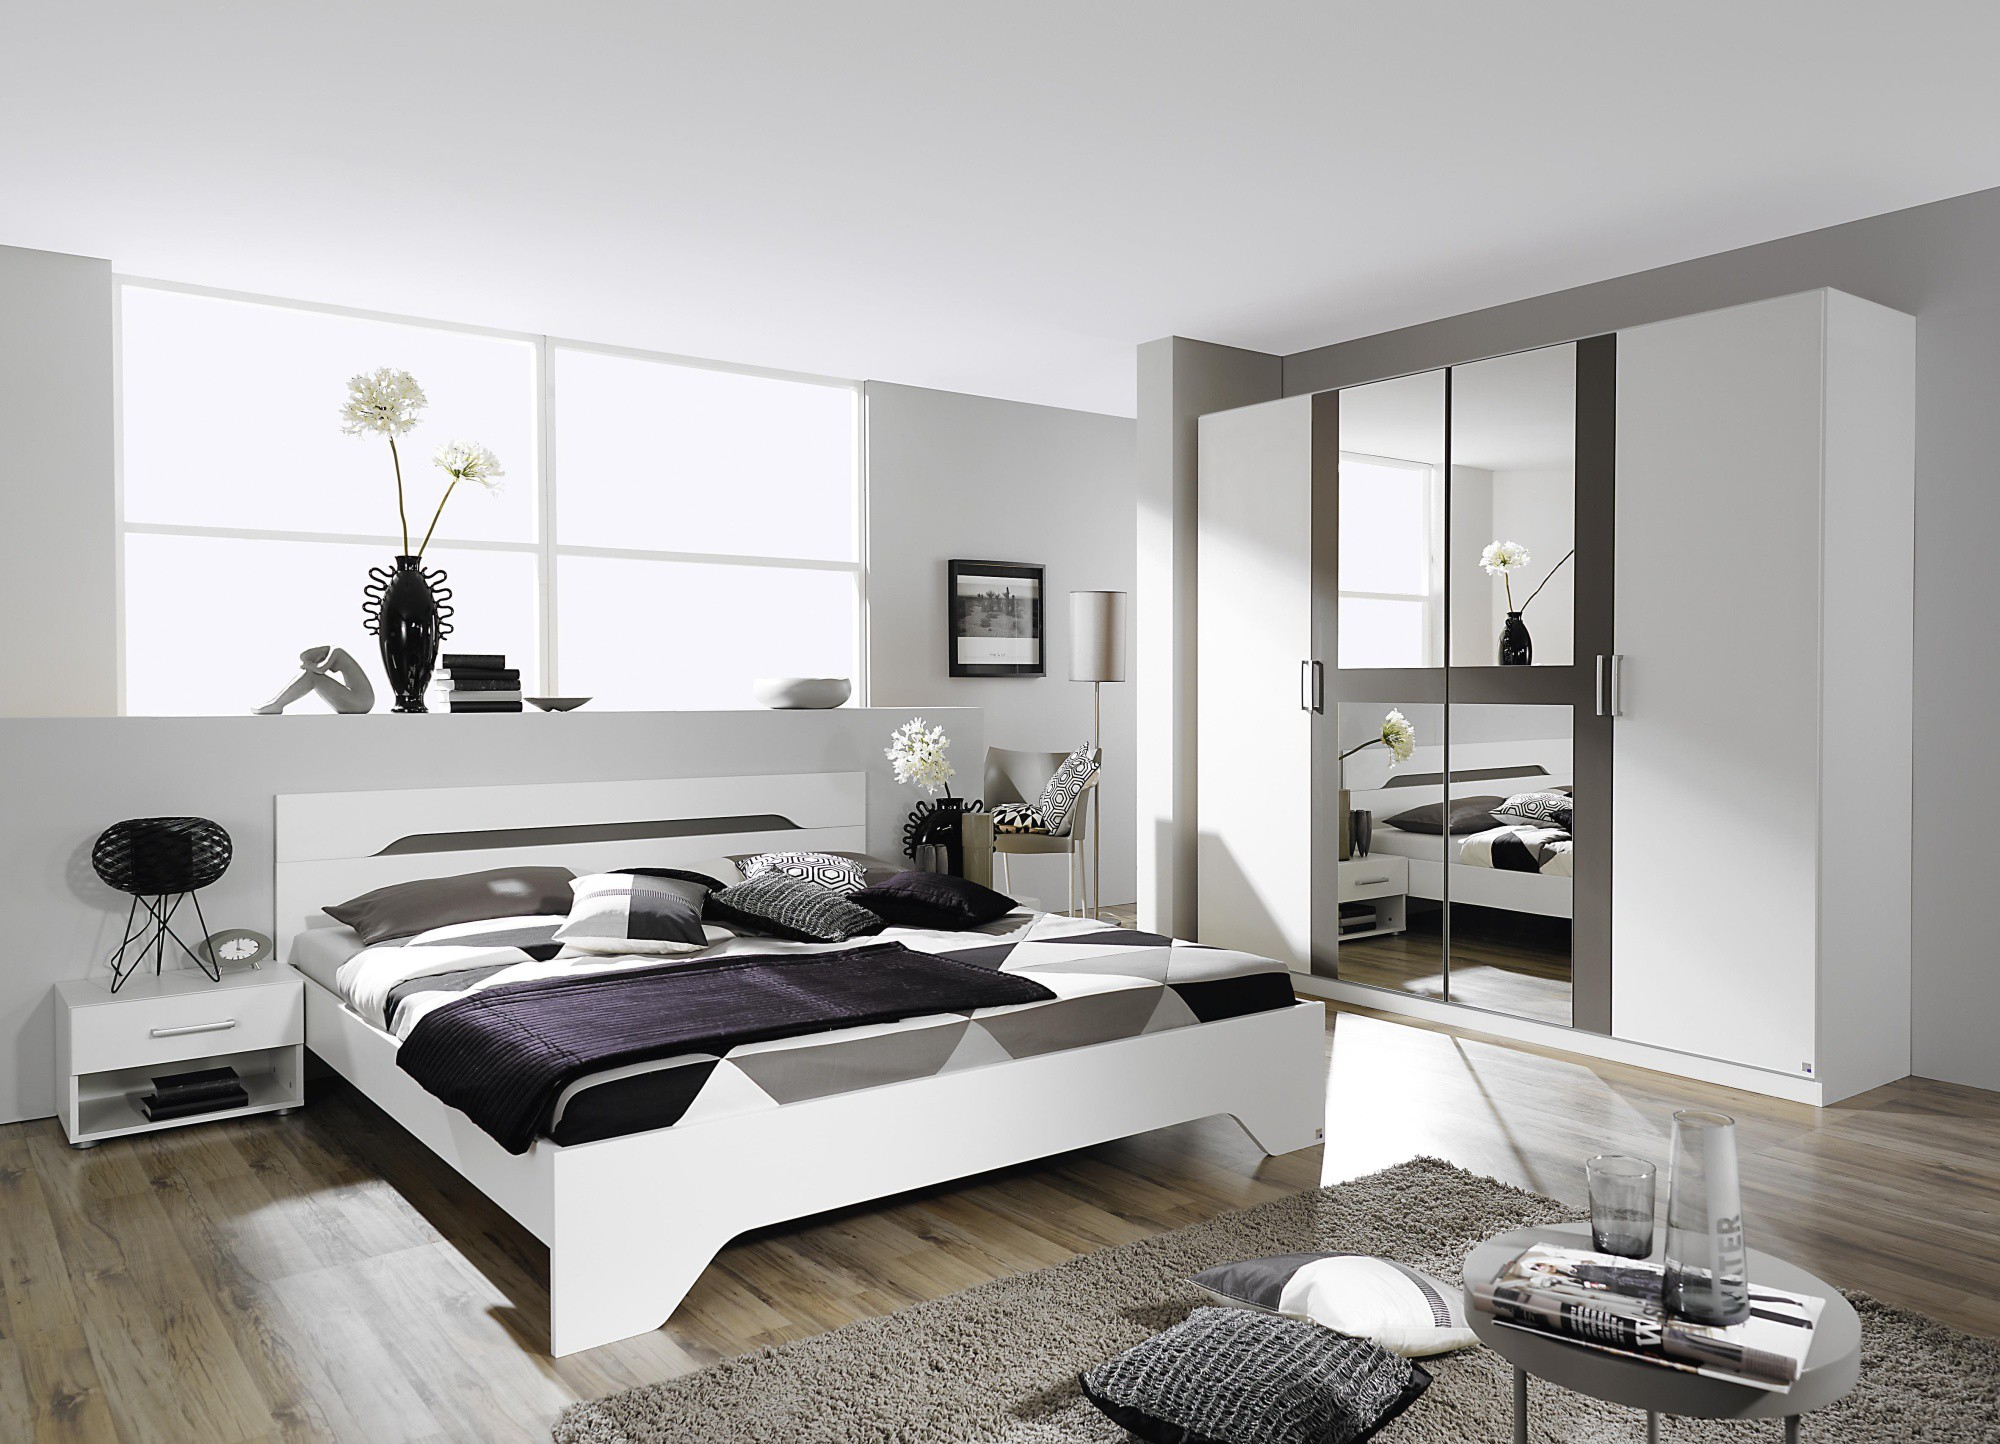 dcorer une chambre adulte fabulous decorare con i vecchi manichini decorer une petite chambre. Black Bedroom Furniture Sets. Home Design Ideas